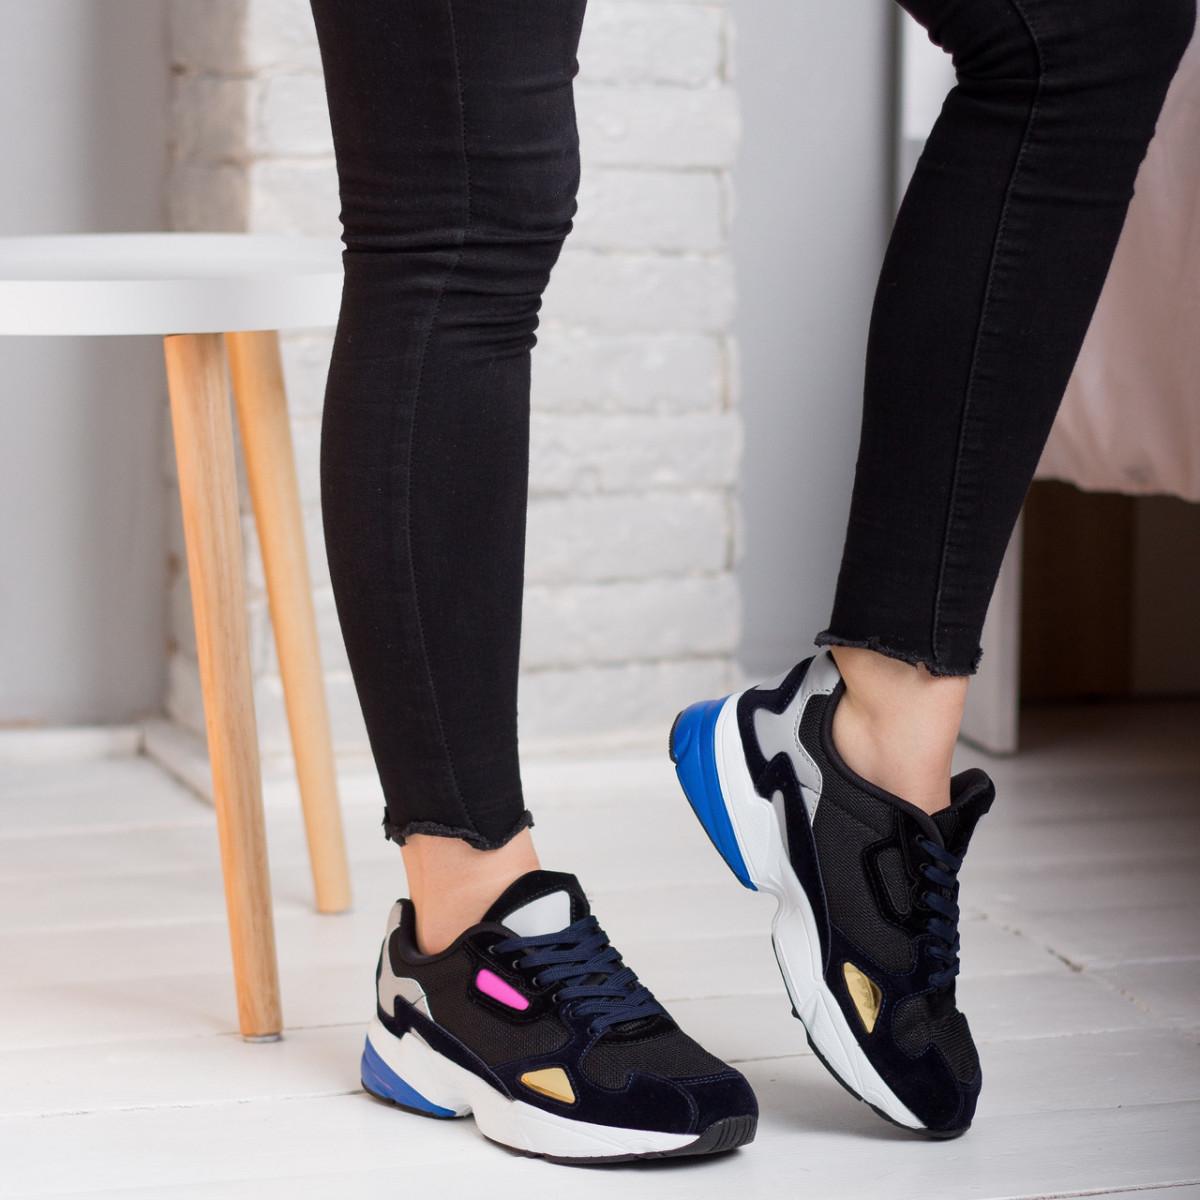 Кроссовки женские Fashion Haile 2586 37 размер 24 см Черный